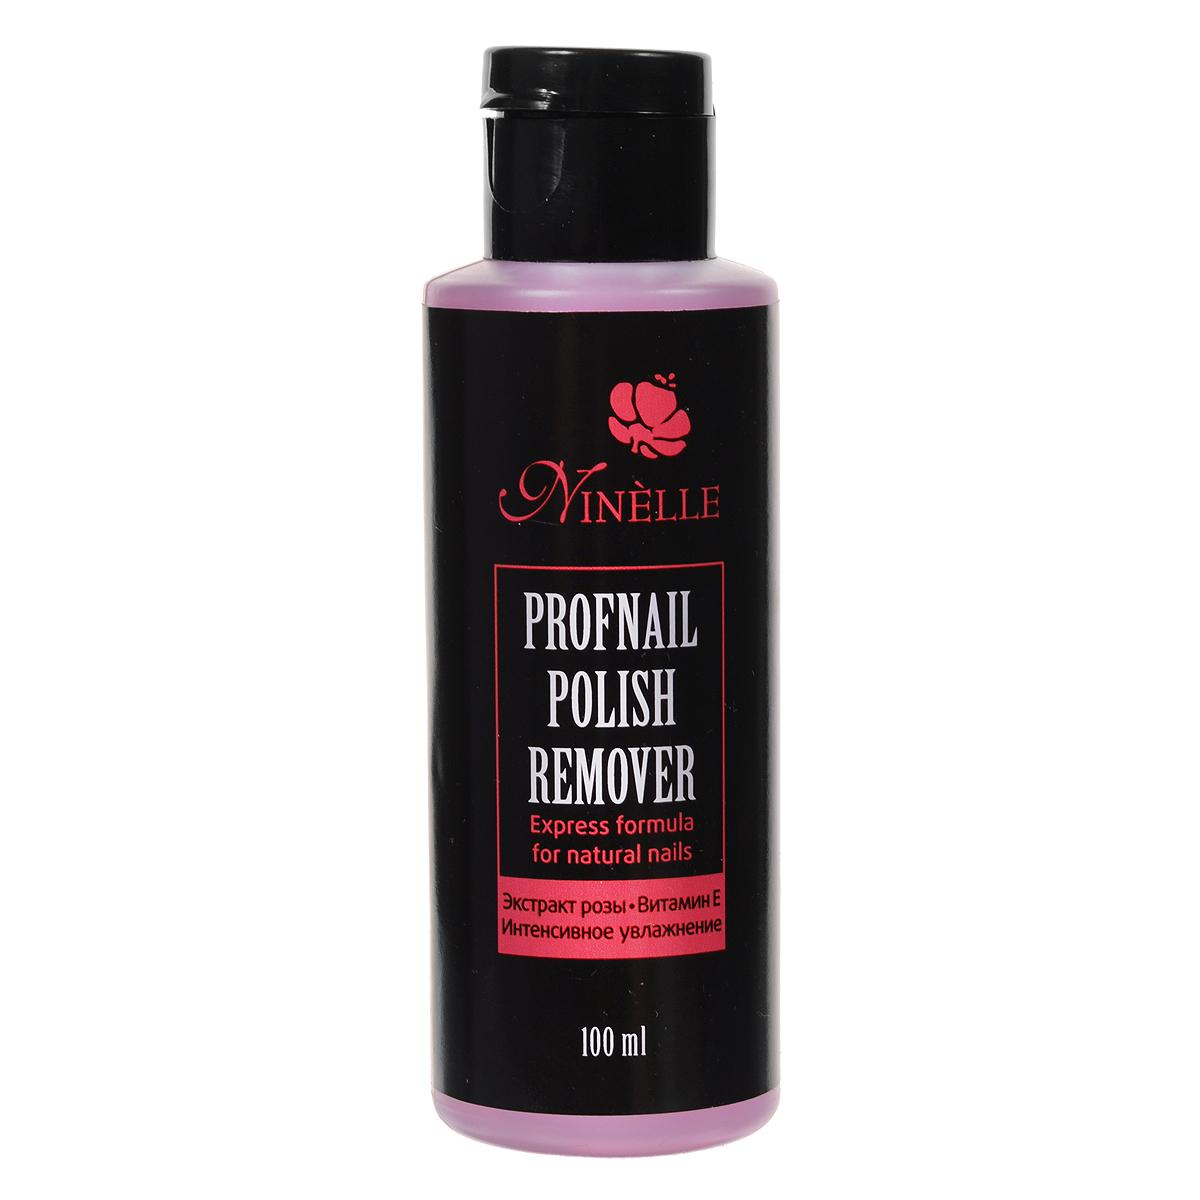 Ninelle Жидкость для снятия лака Profnail, 100 мл733N10442Ninelle Жидкость для снятия лака Profnail быстро и эффективно удаляет лак с ногтевой пластины, обеспечивая интенсивное увлажнение и мягкий уход. Содержит витамин E и экстракт розы. Товар сертифицирован.